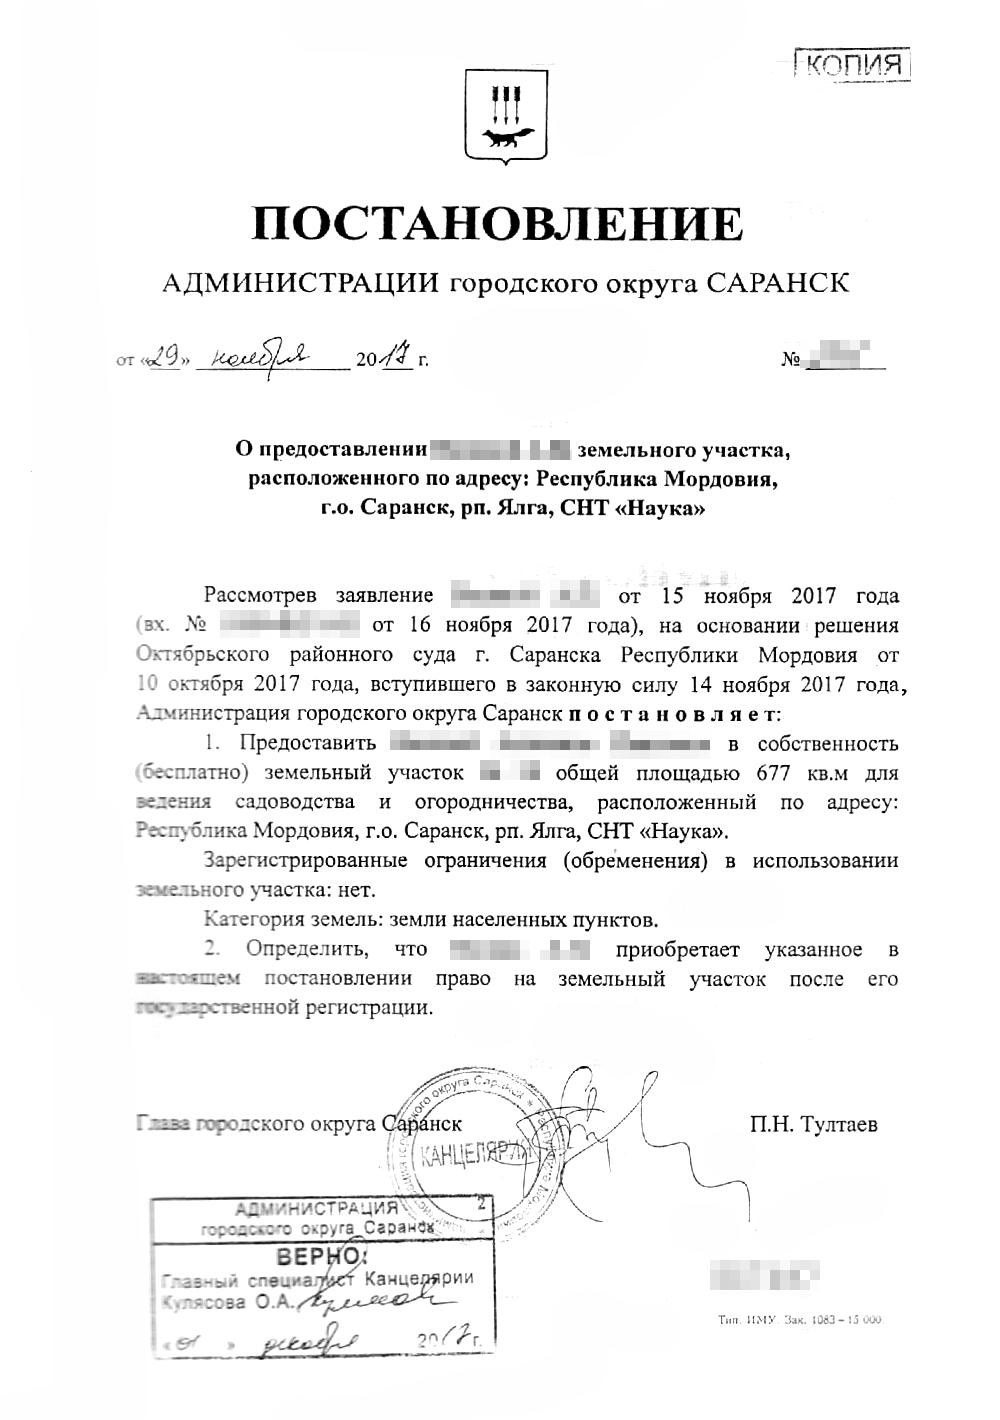 Постановление о предоставлении земельного участка